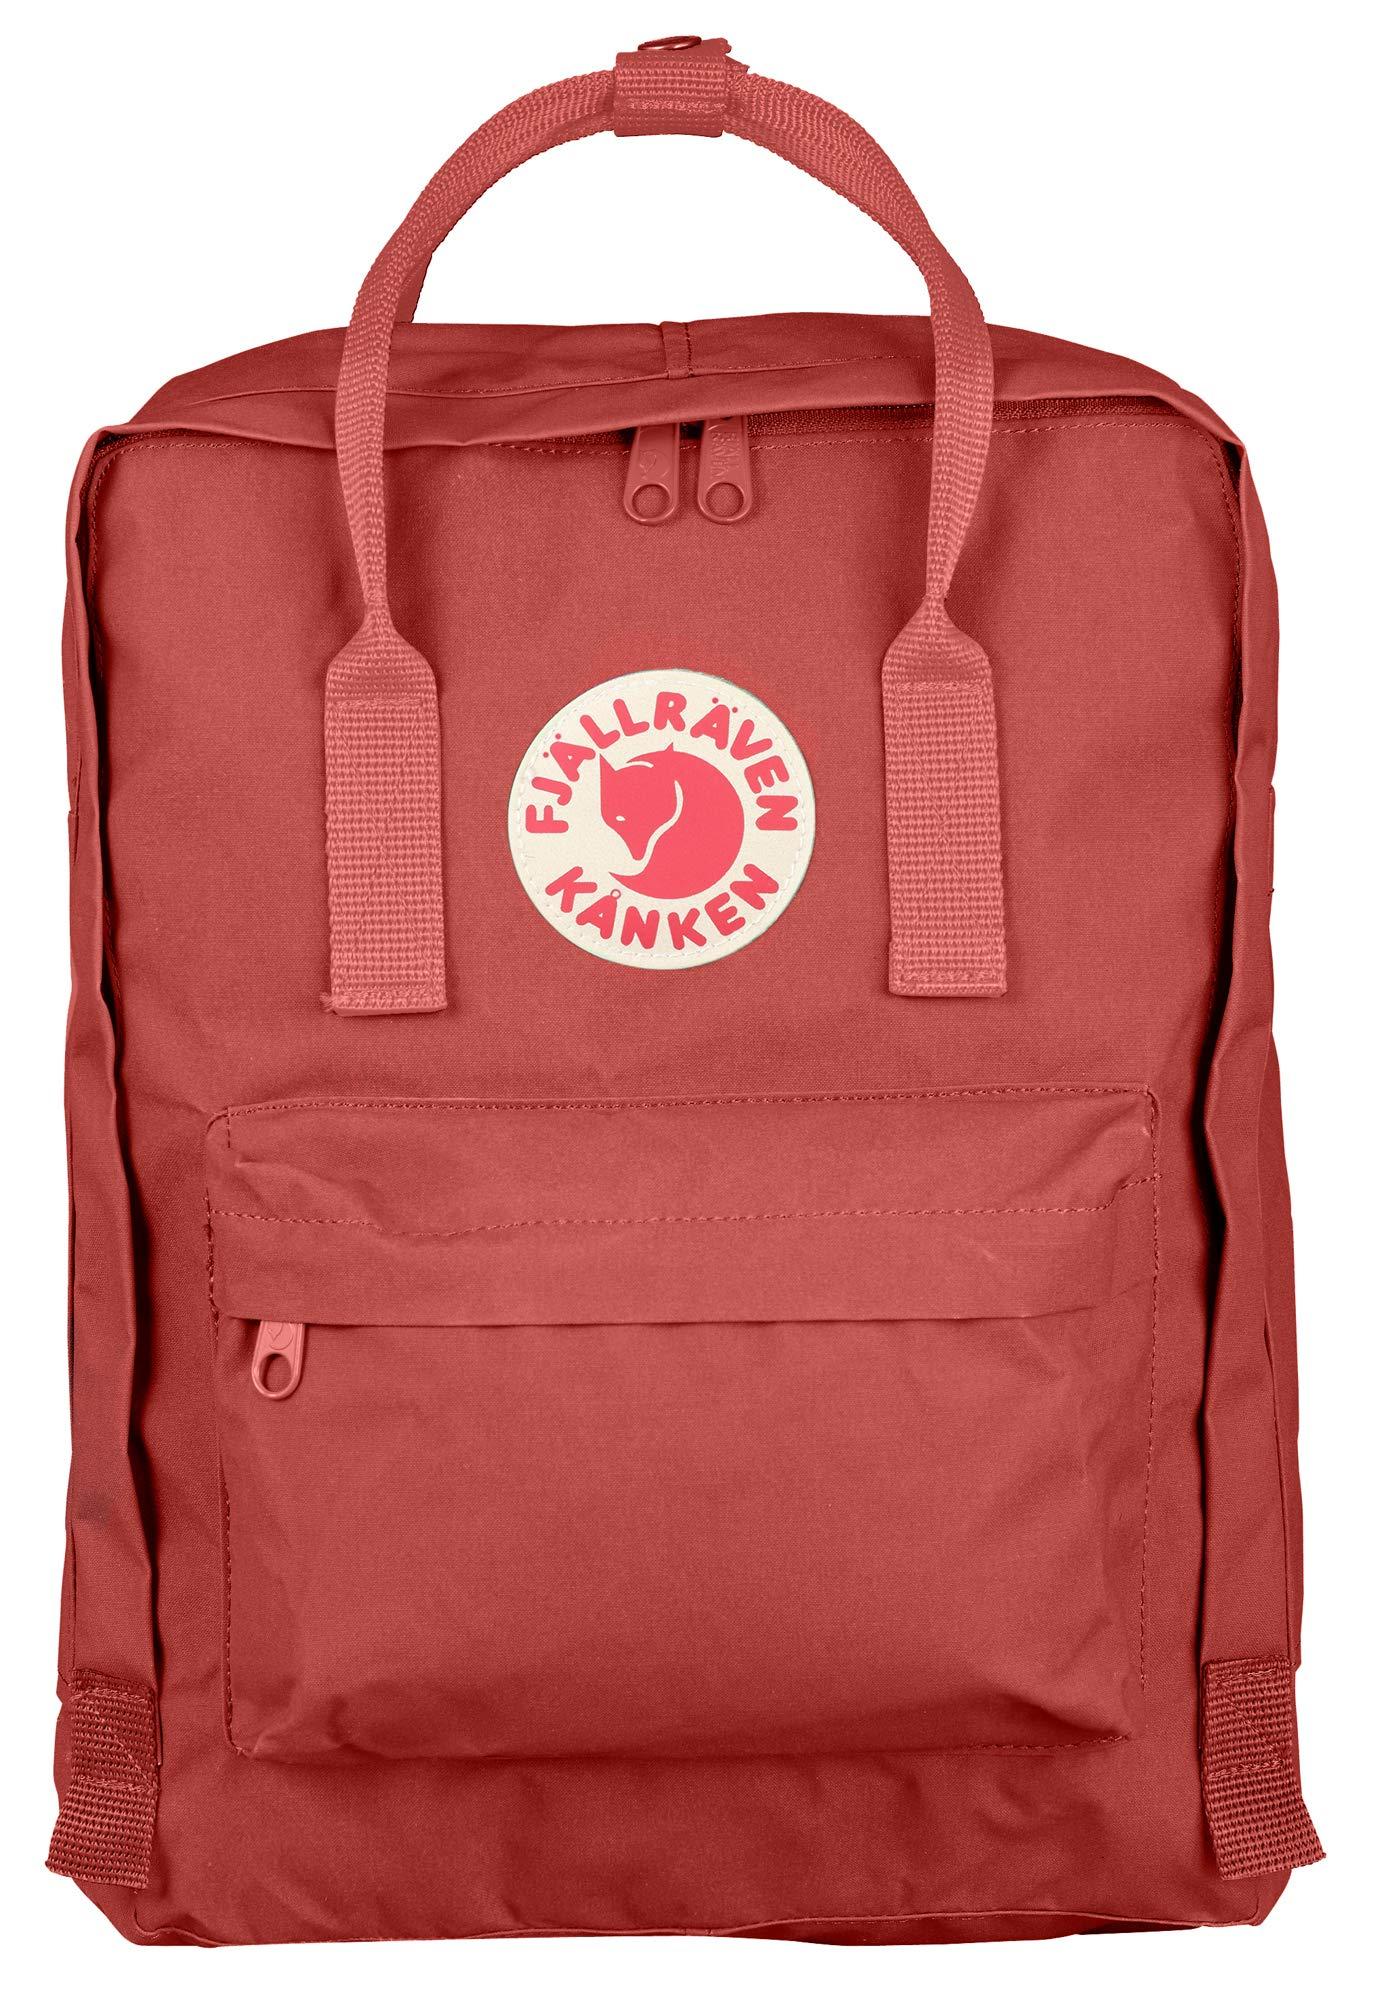 Fjallraven - Kanken Classic Backpack for Everyday, Dahlia